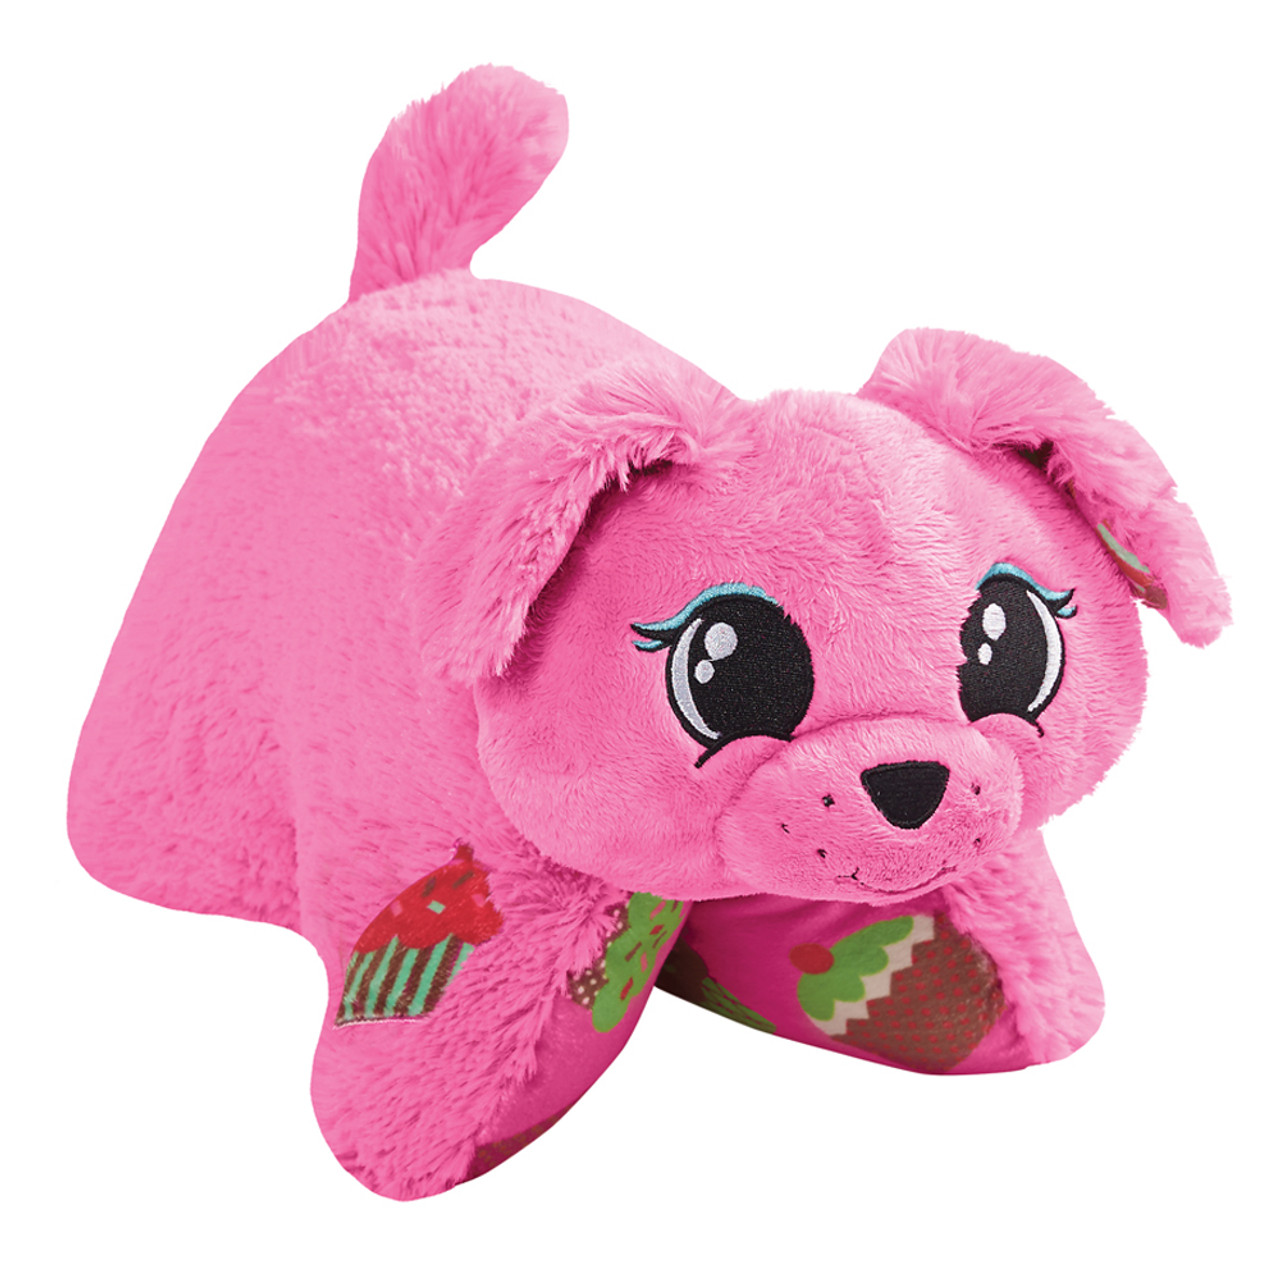 sweet scented pupcake pillow pet